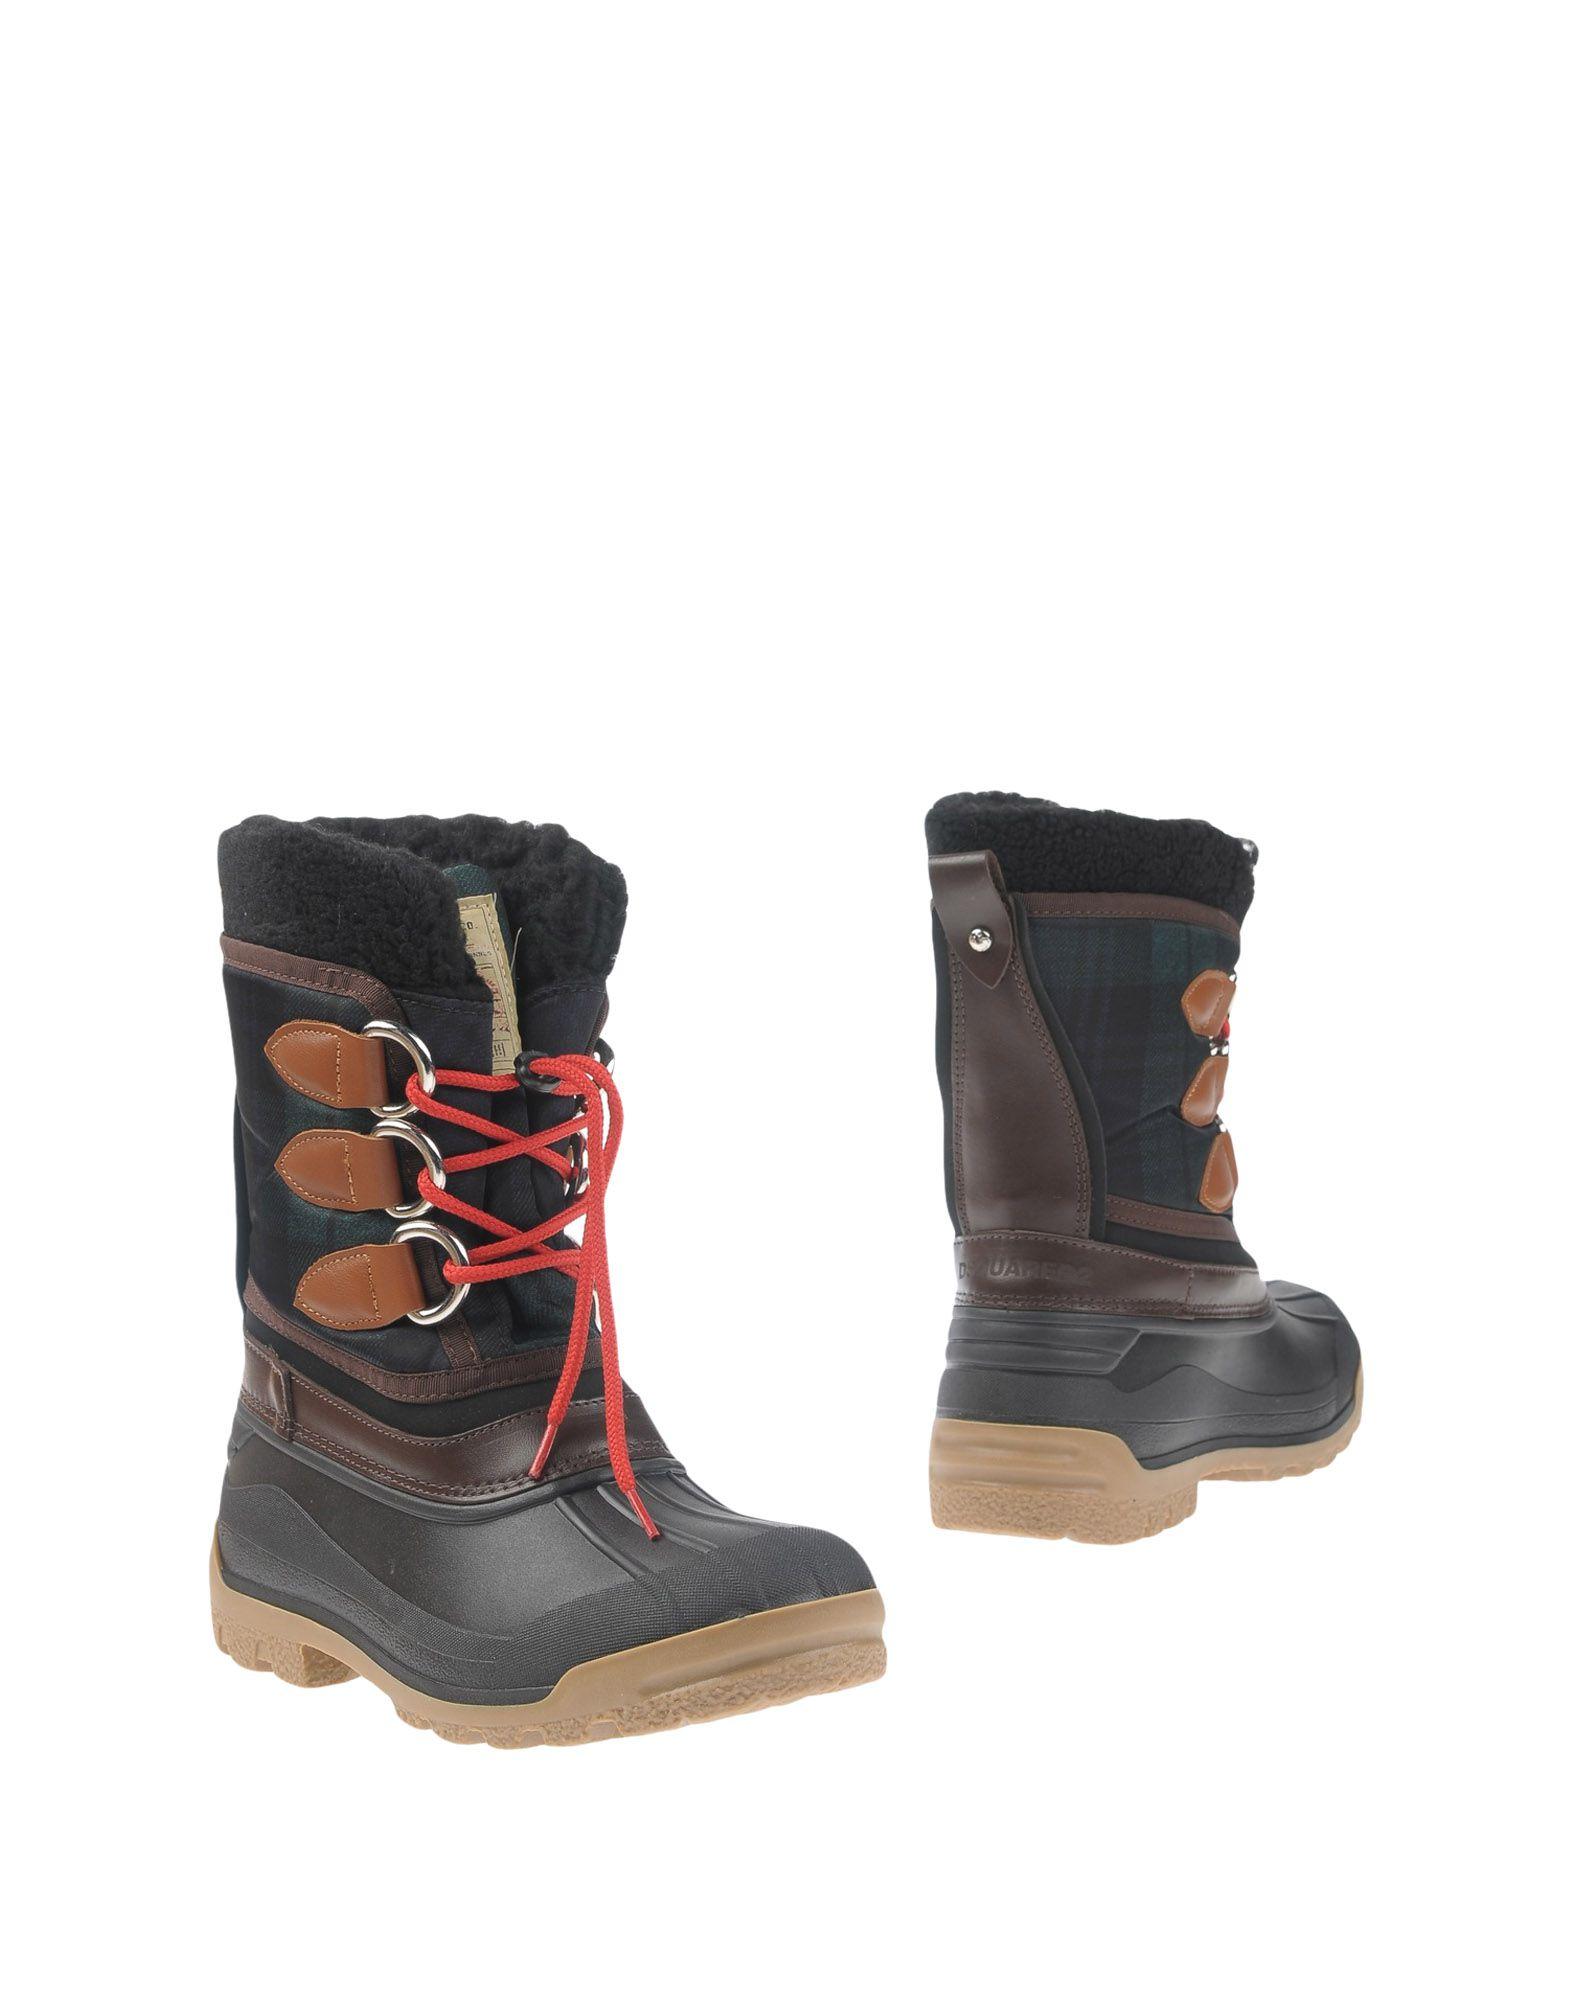 Dsquared2 Stiefelette Herren  11298668BV Gute Qualität beliebte Schuhe